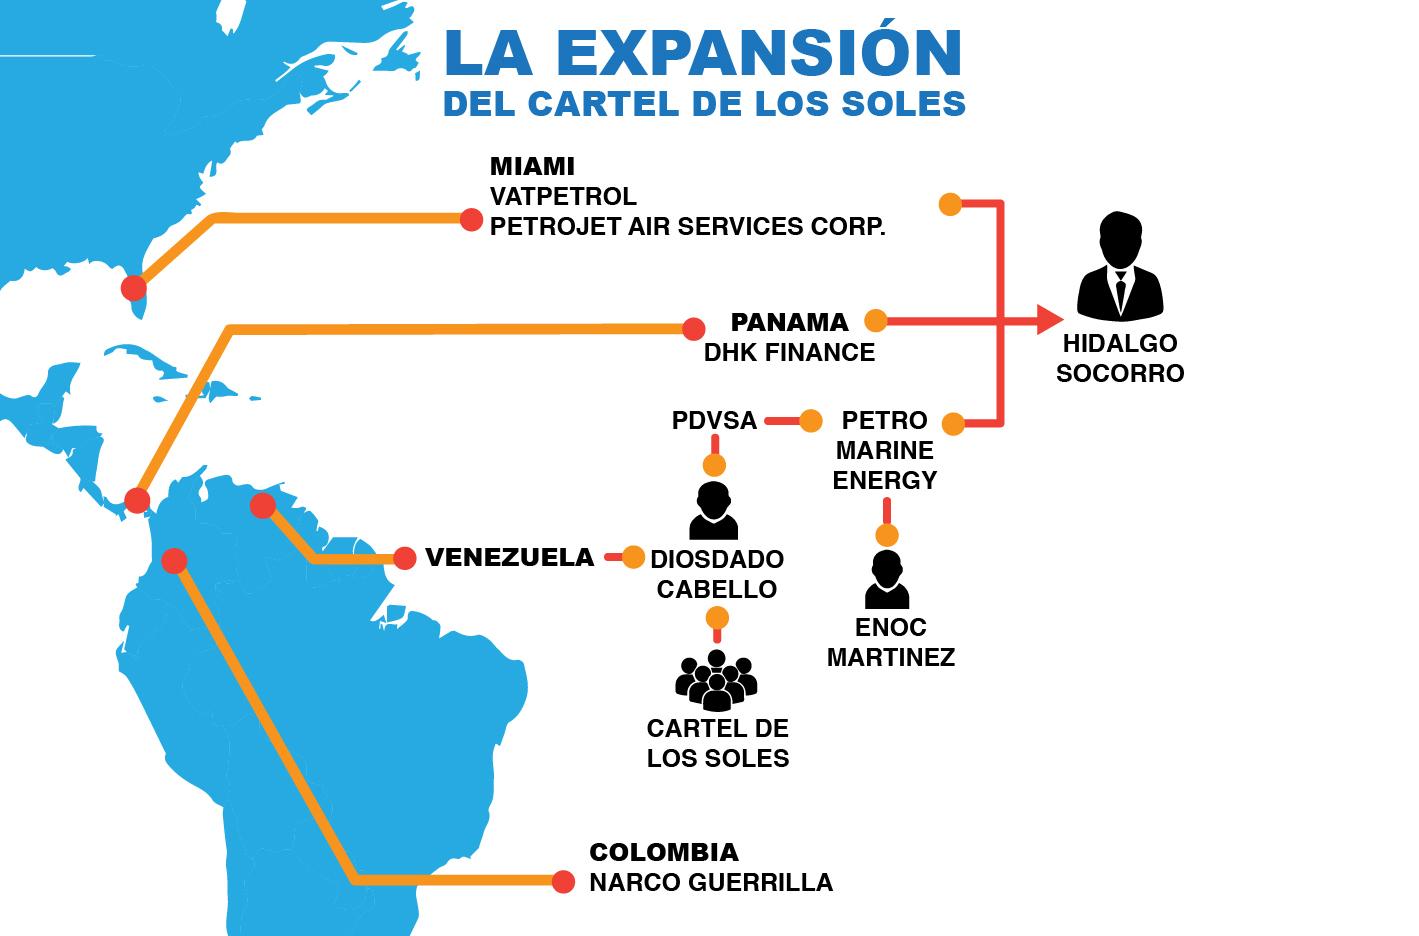 EU - Tirania de Nicolas Maduro - Página 5 INFOGRAF%C3%8DA-012